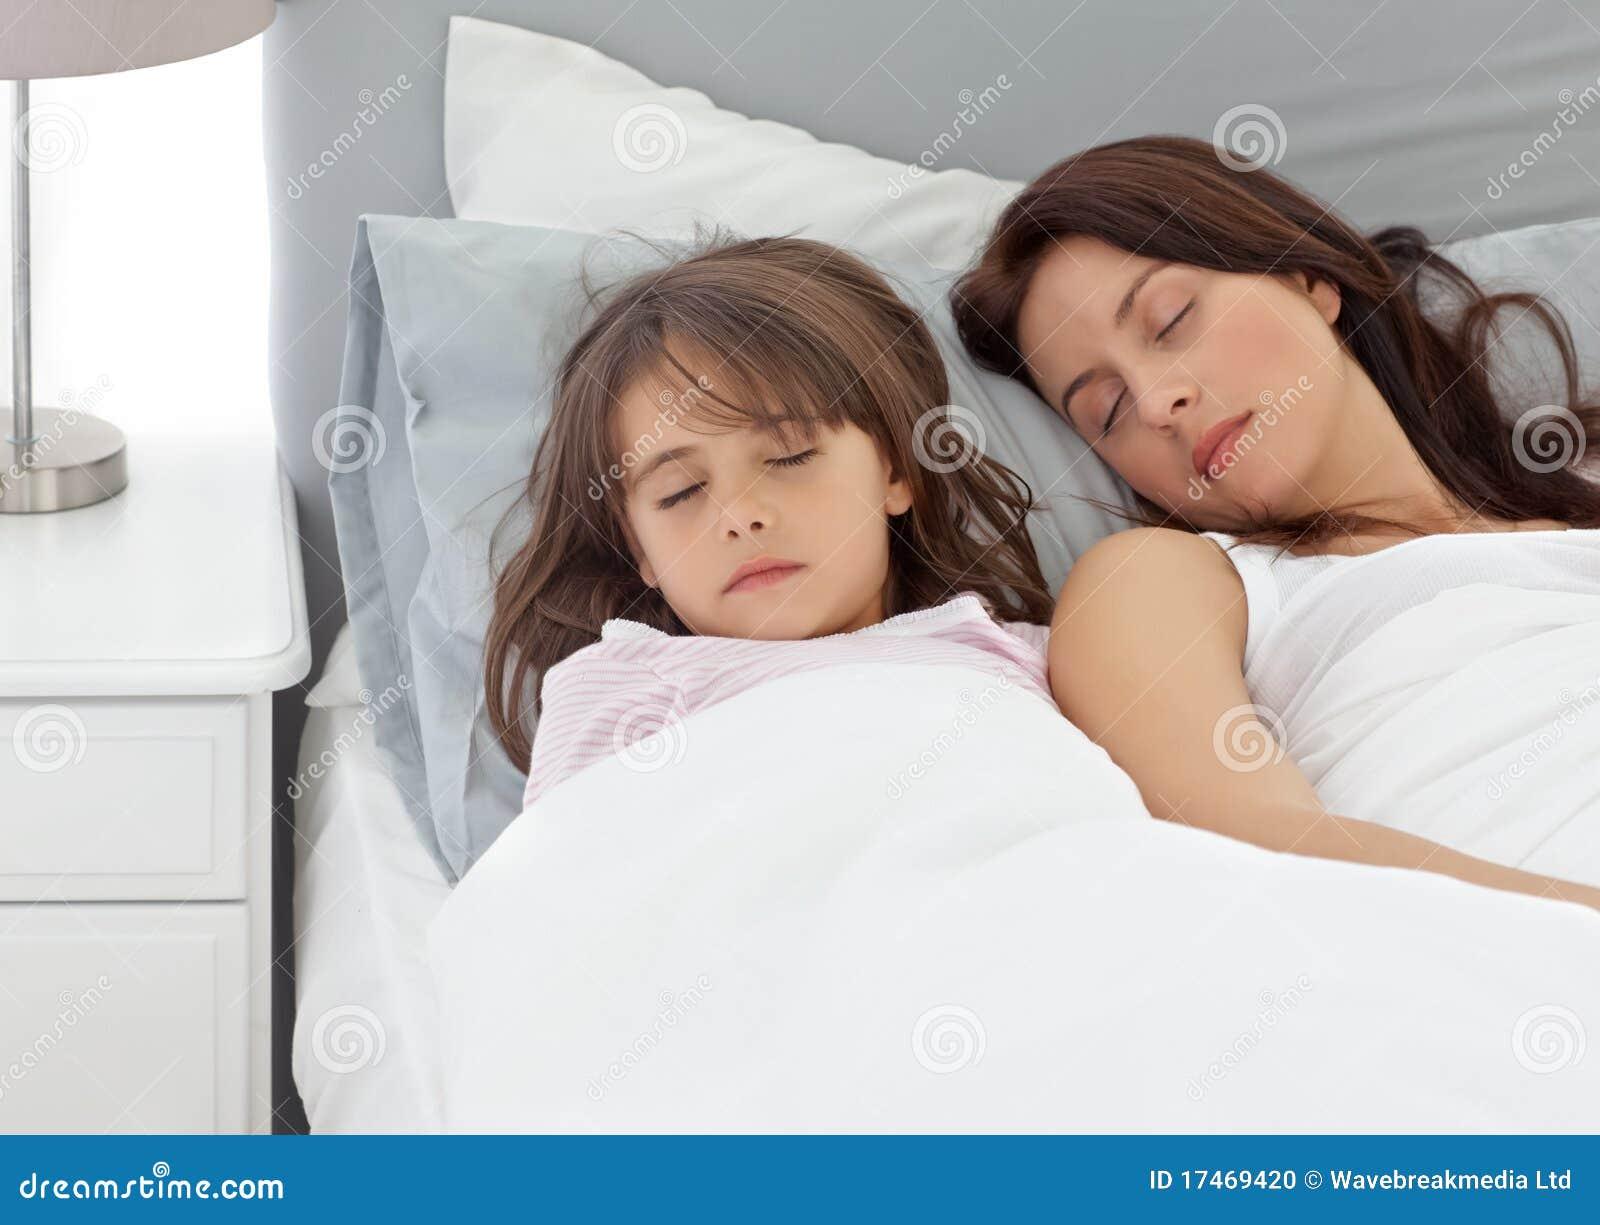 Are cute gairl sleeping xxx